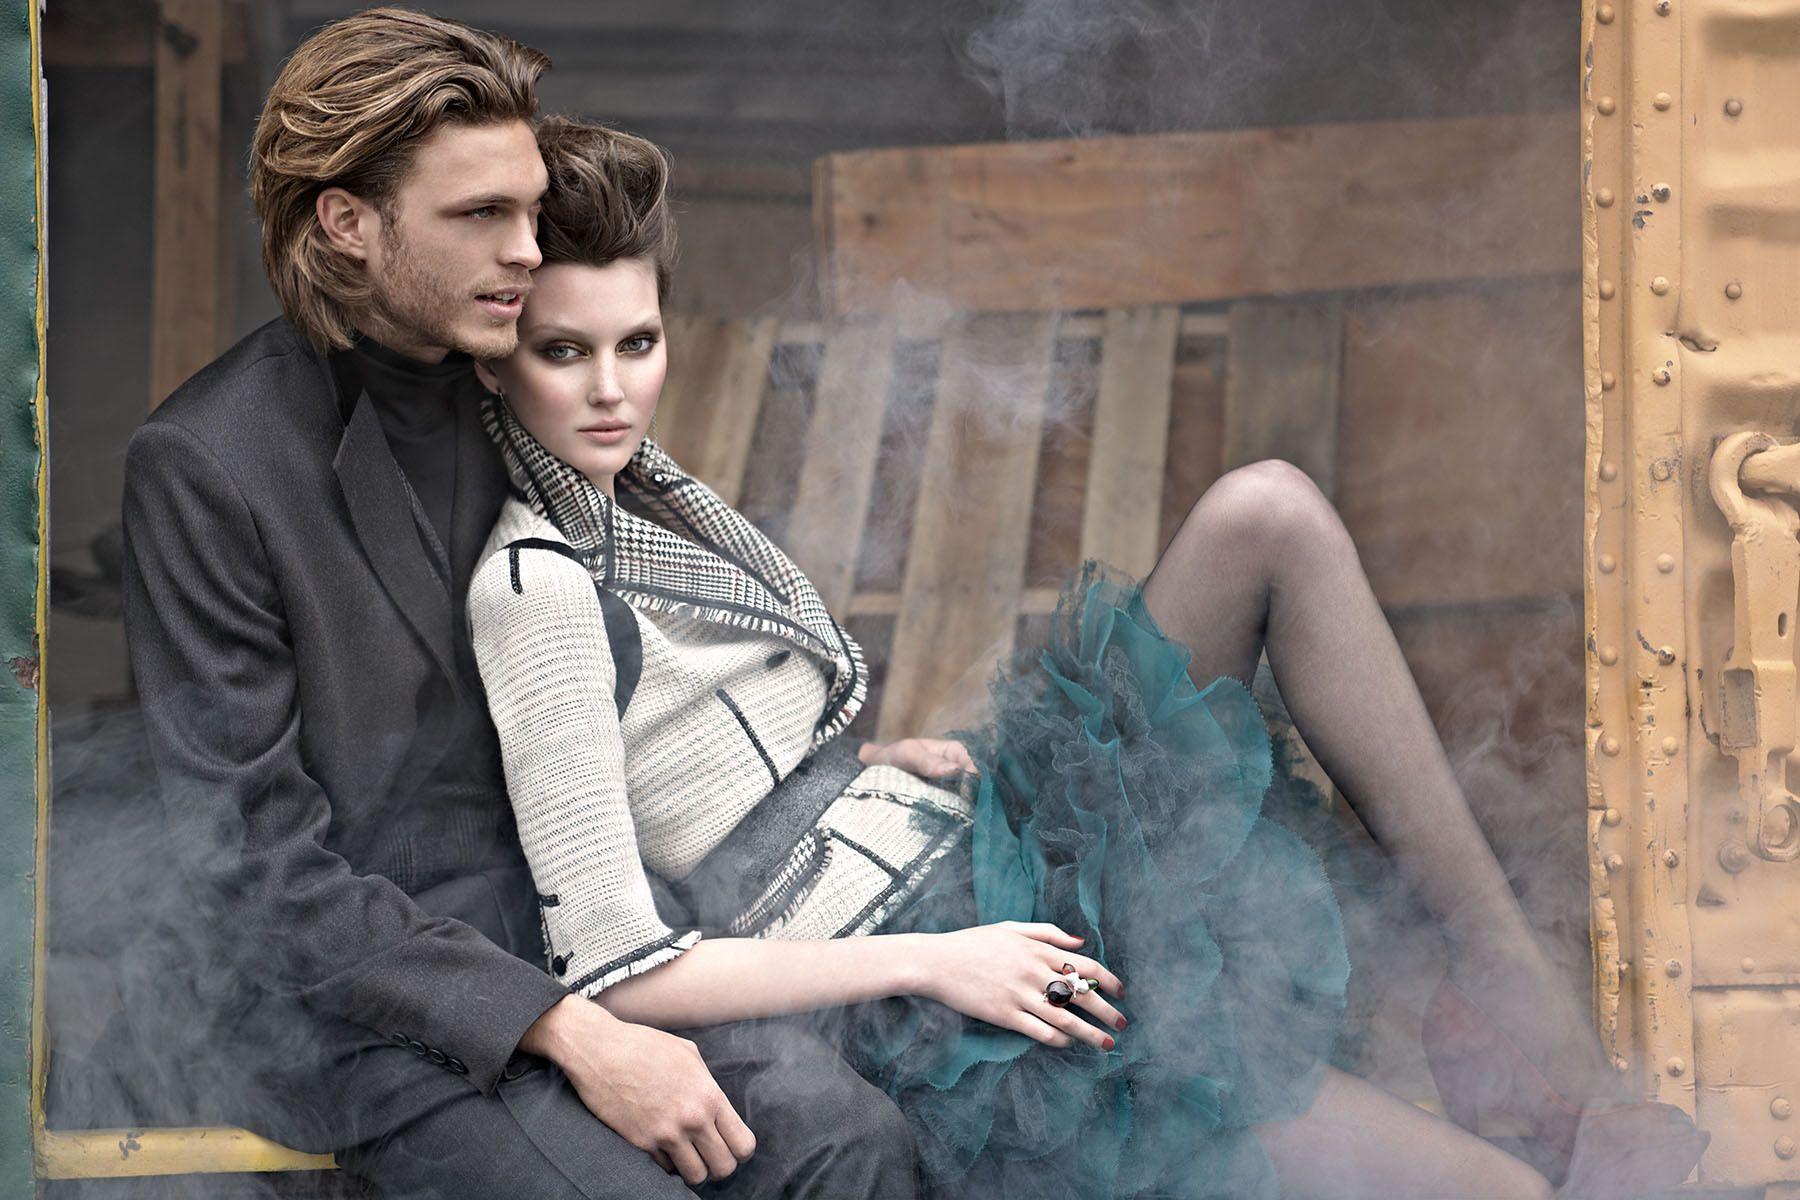 Model: Mihaly Martins & Veroneik Gielkens